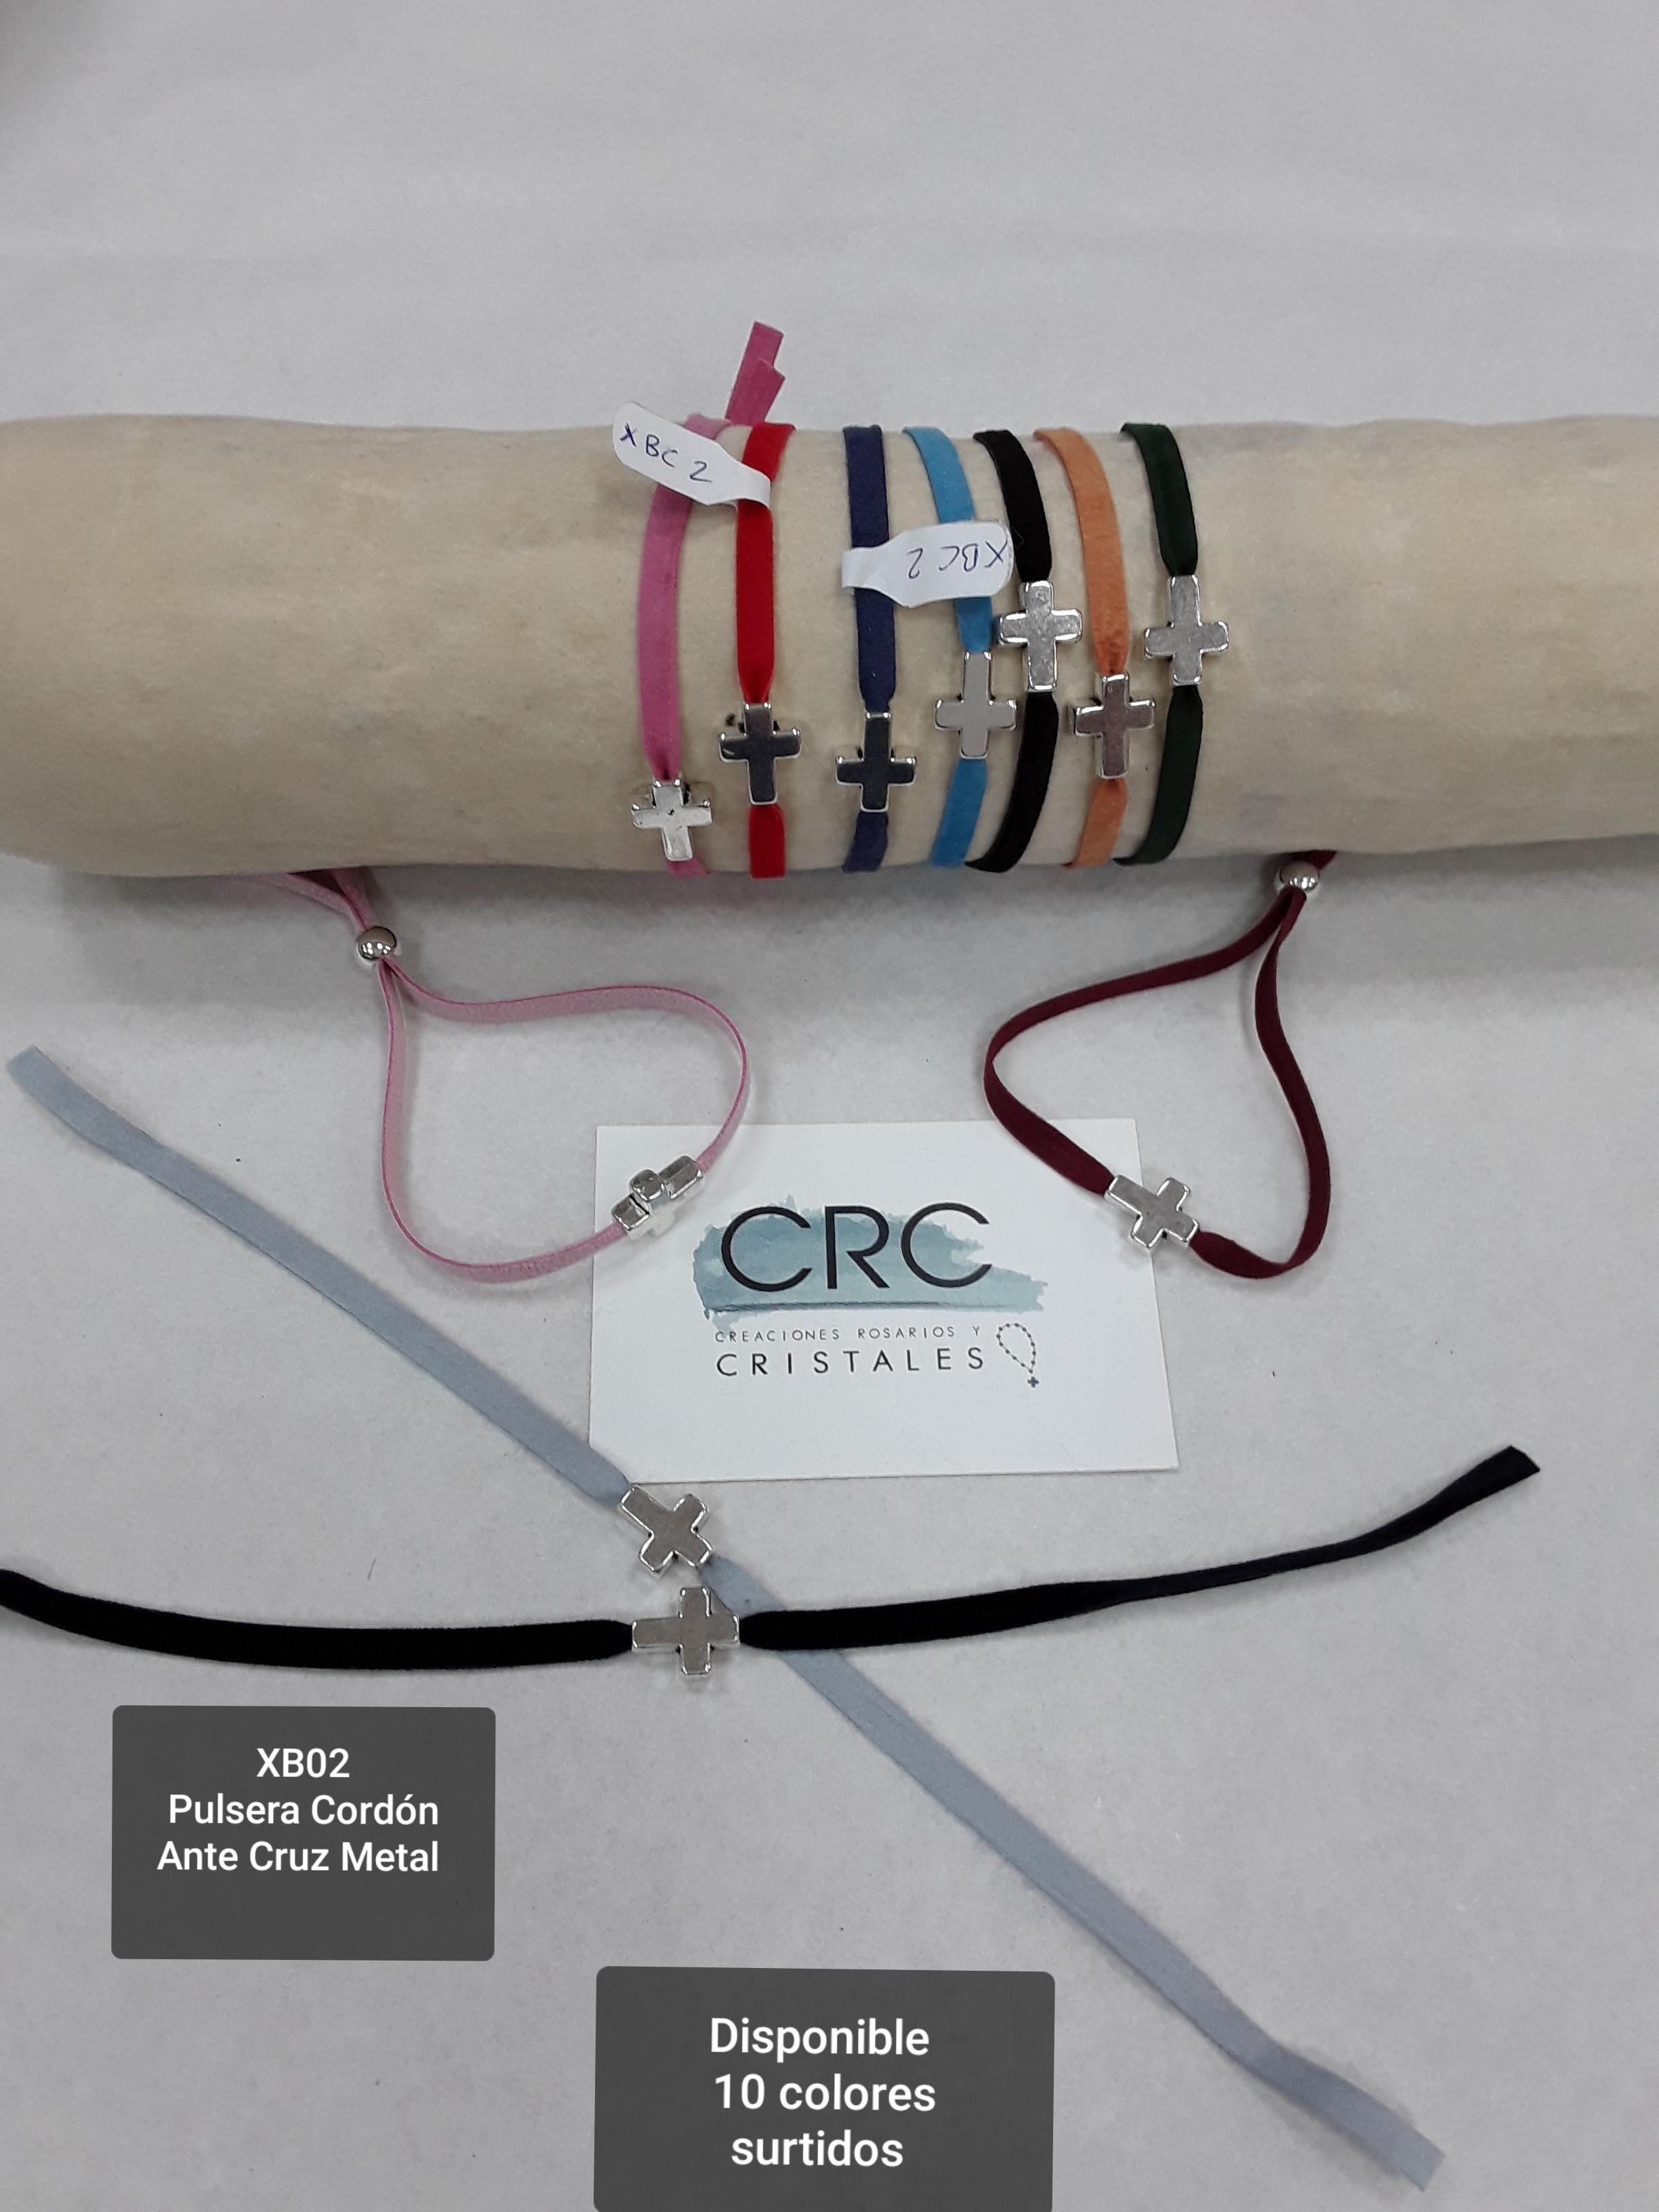 Novedades: Productos de C.R.C